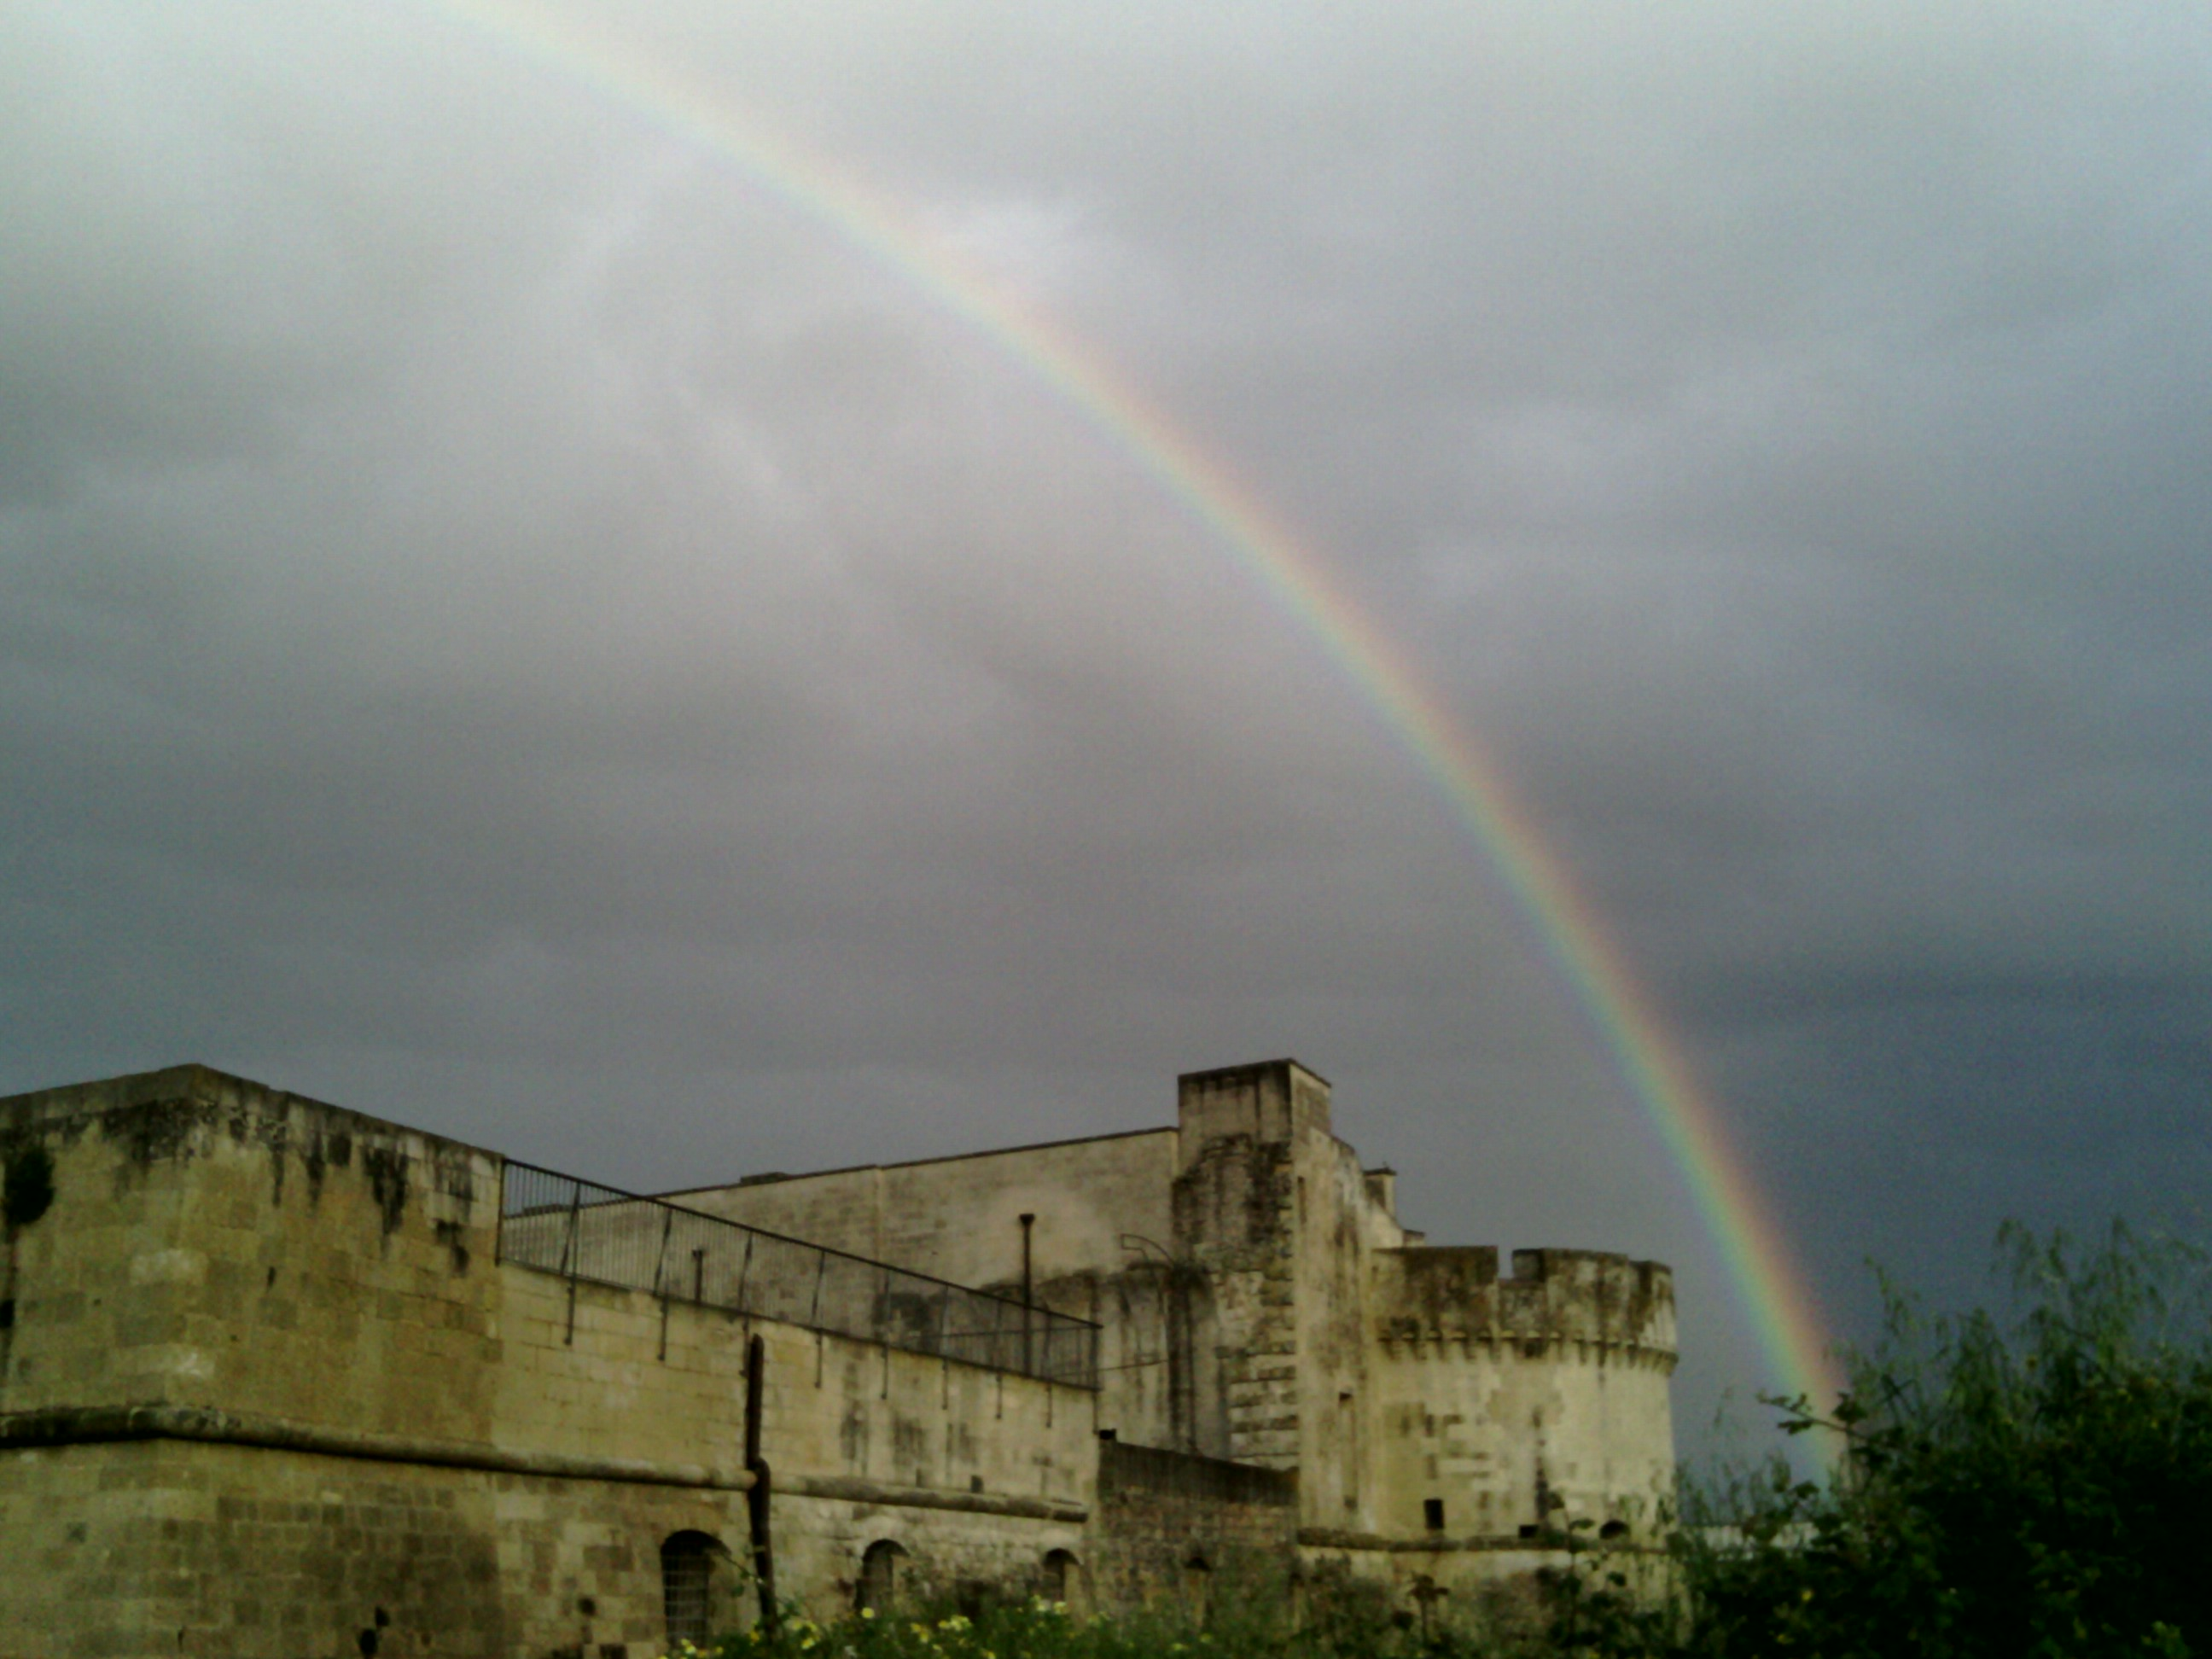 Castello sud-ovest e arcobaleno (foto Cervelli)